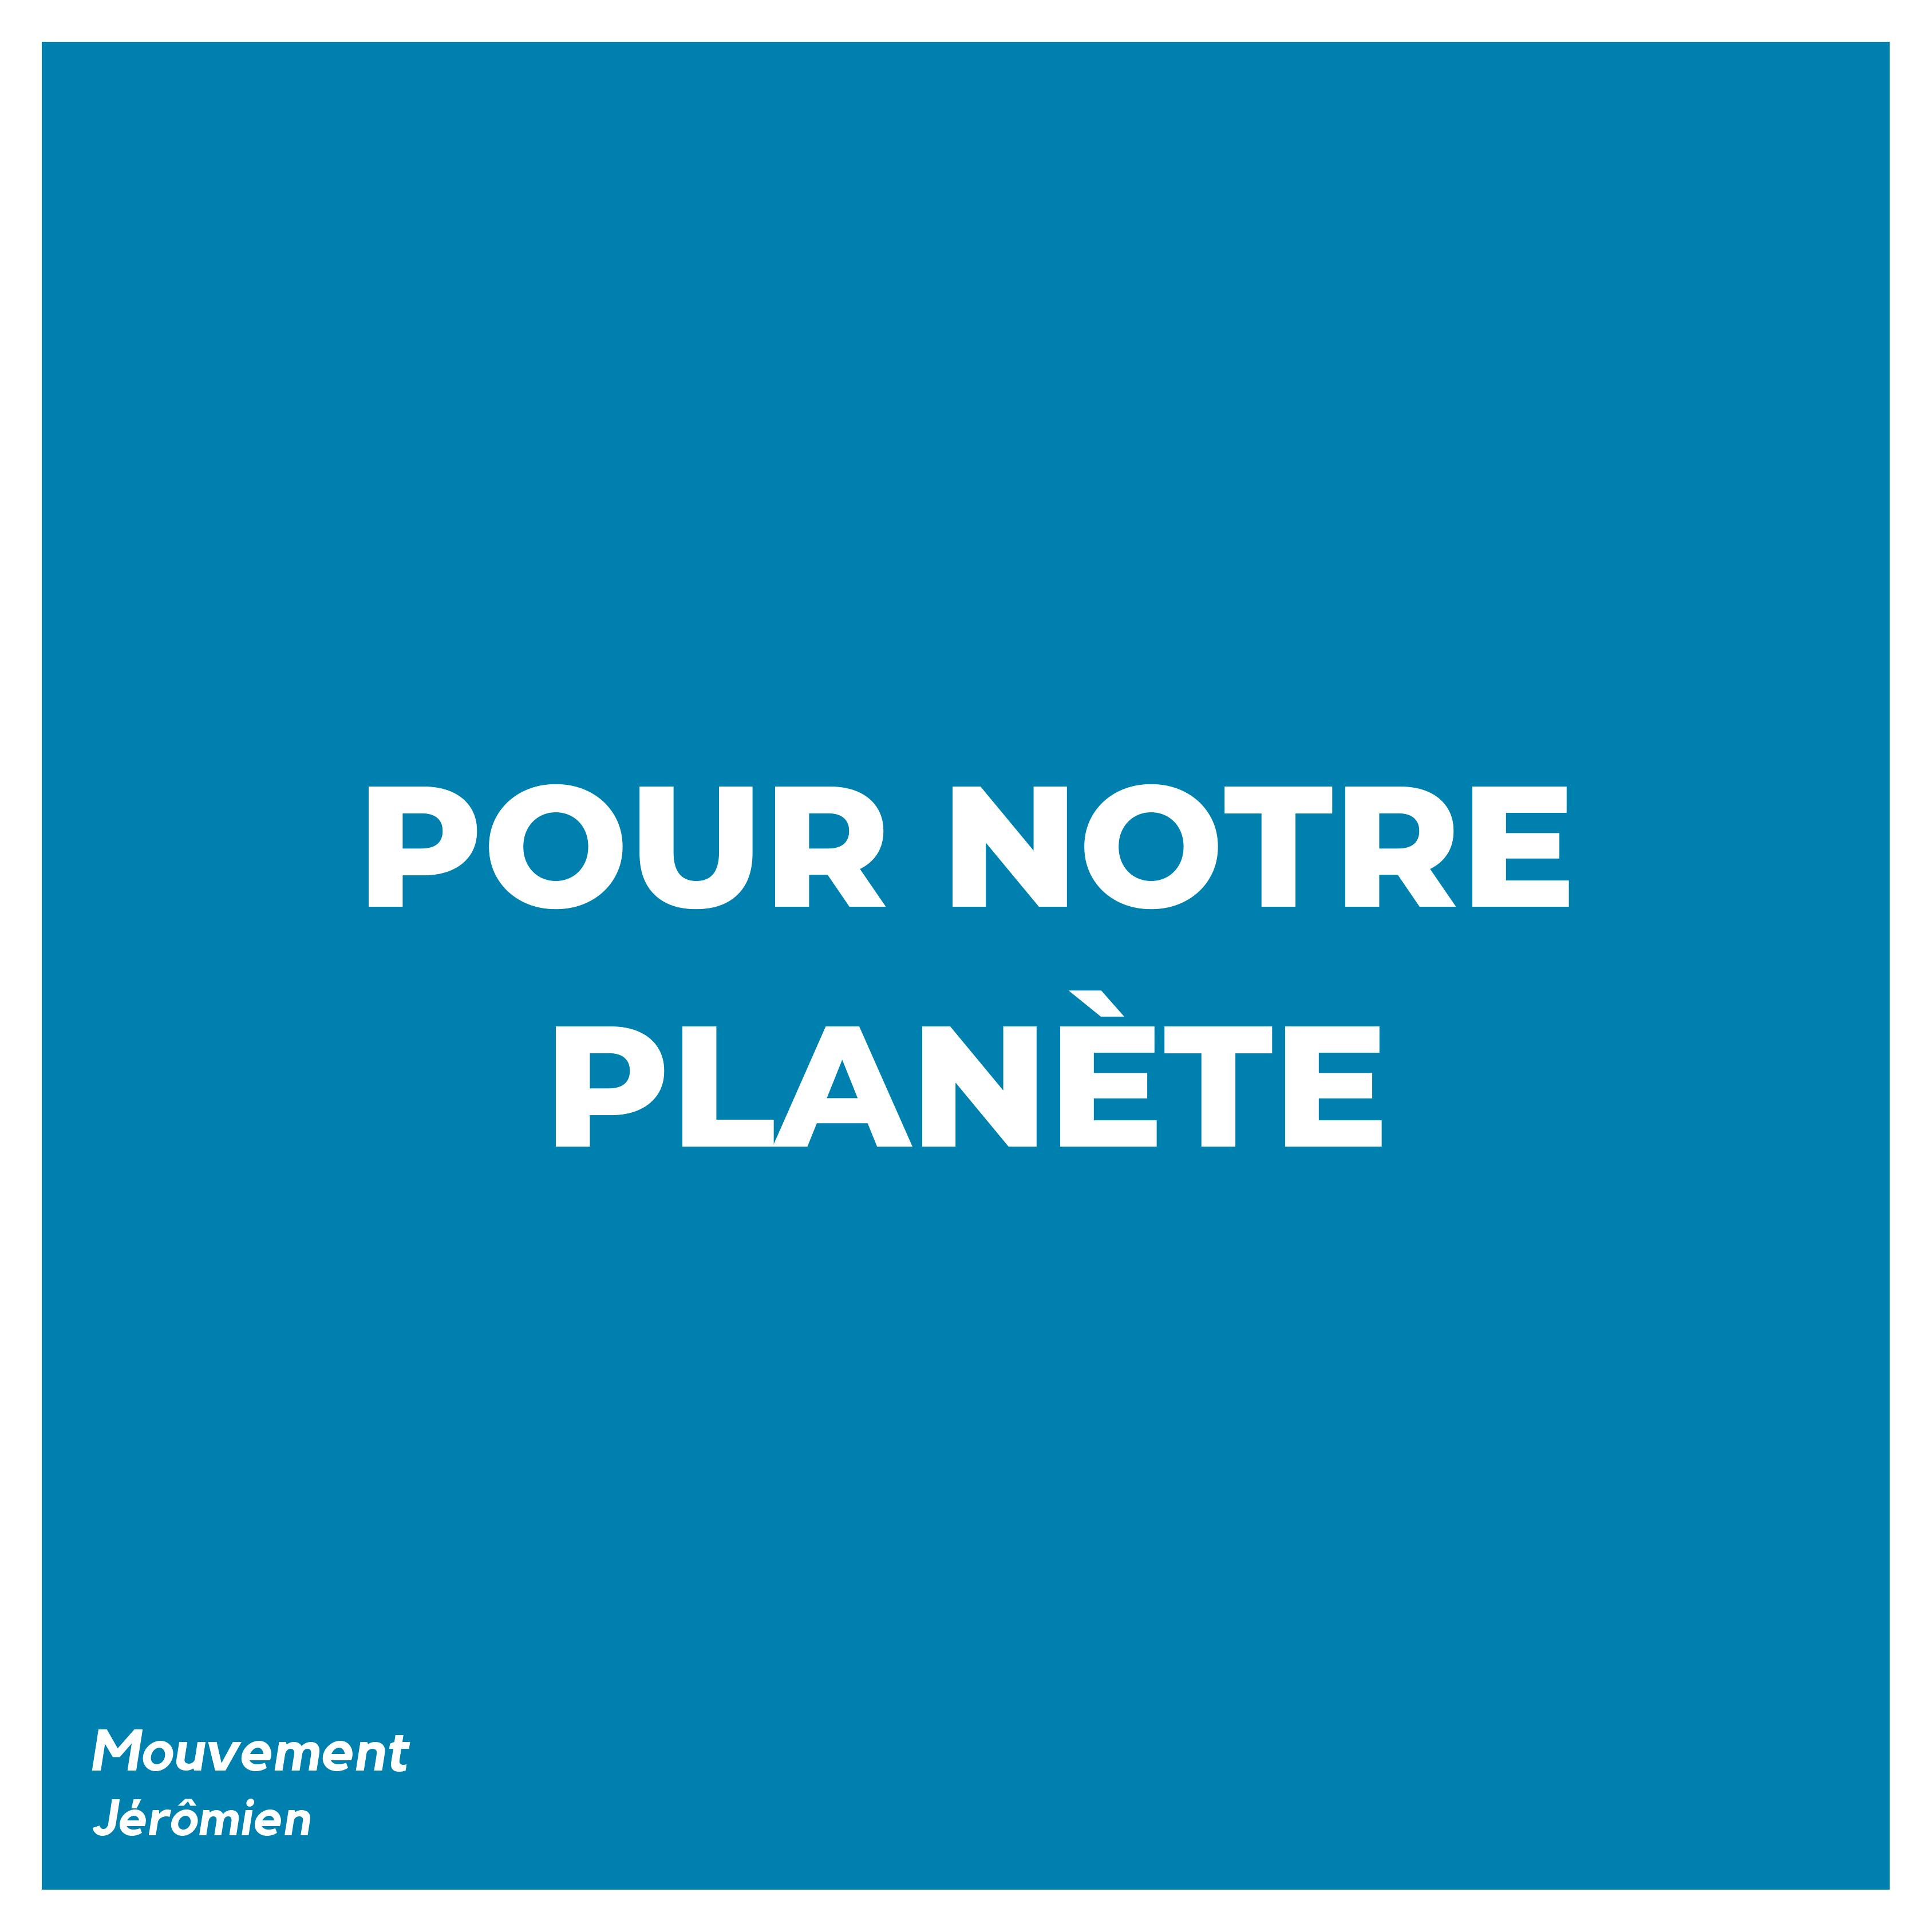 Pour notre planète